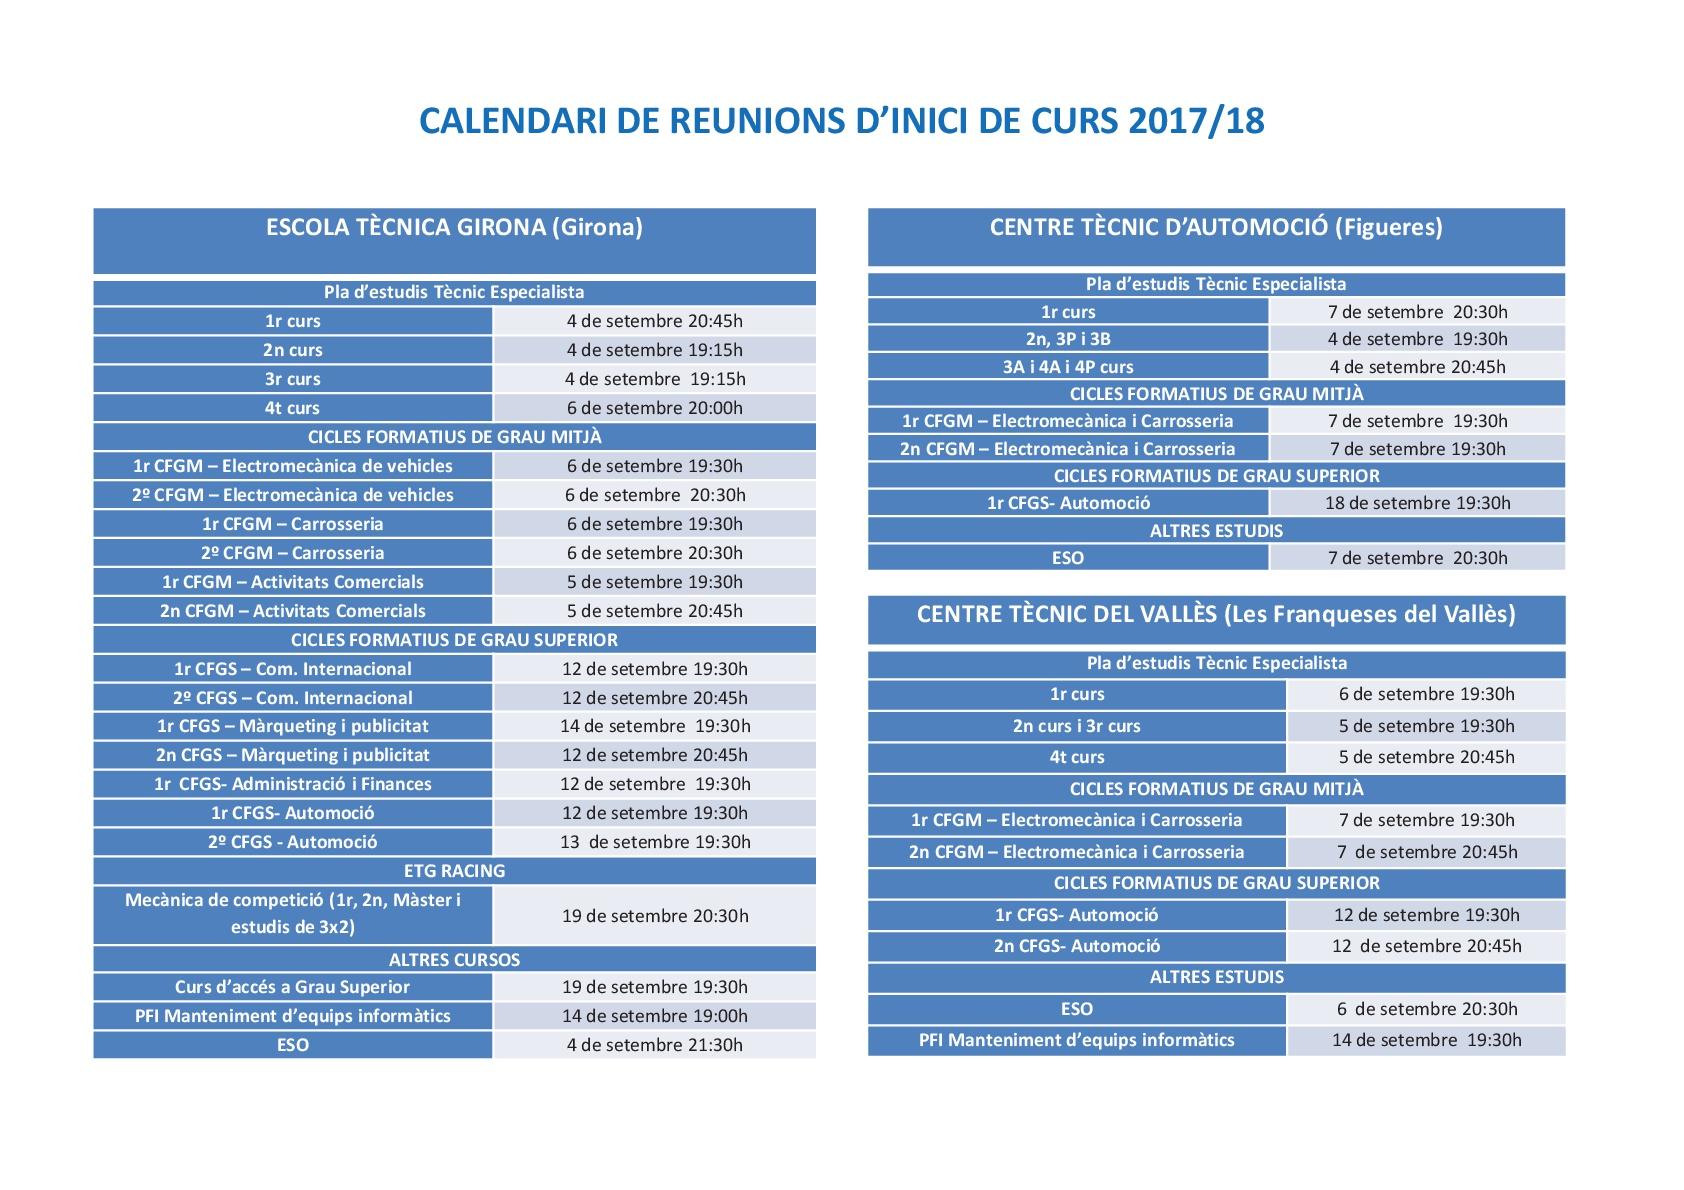 REUNIONS CURS 2017-2018